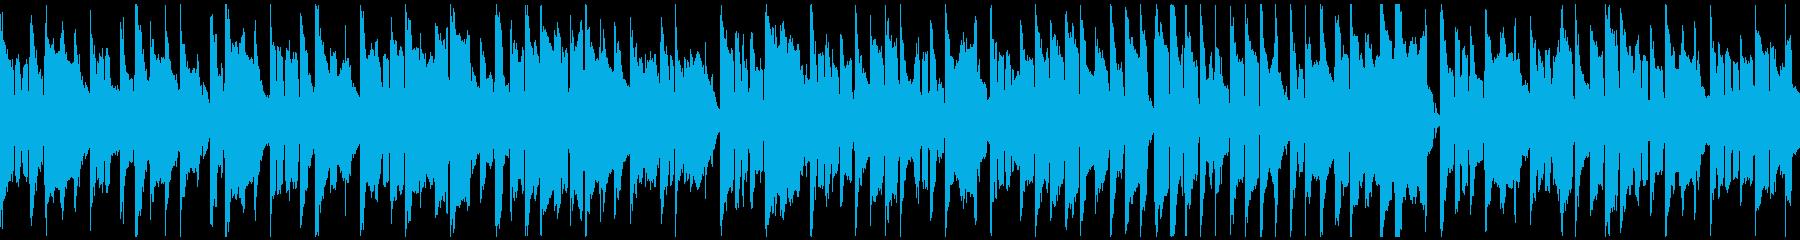 ふにゃふにゃした日常シーン系 ※ループ版の再生済みの波形